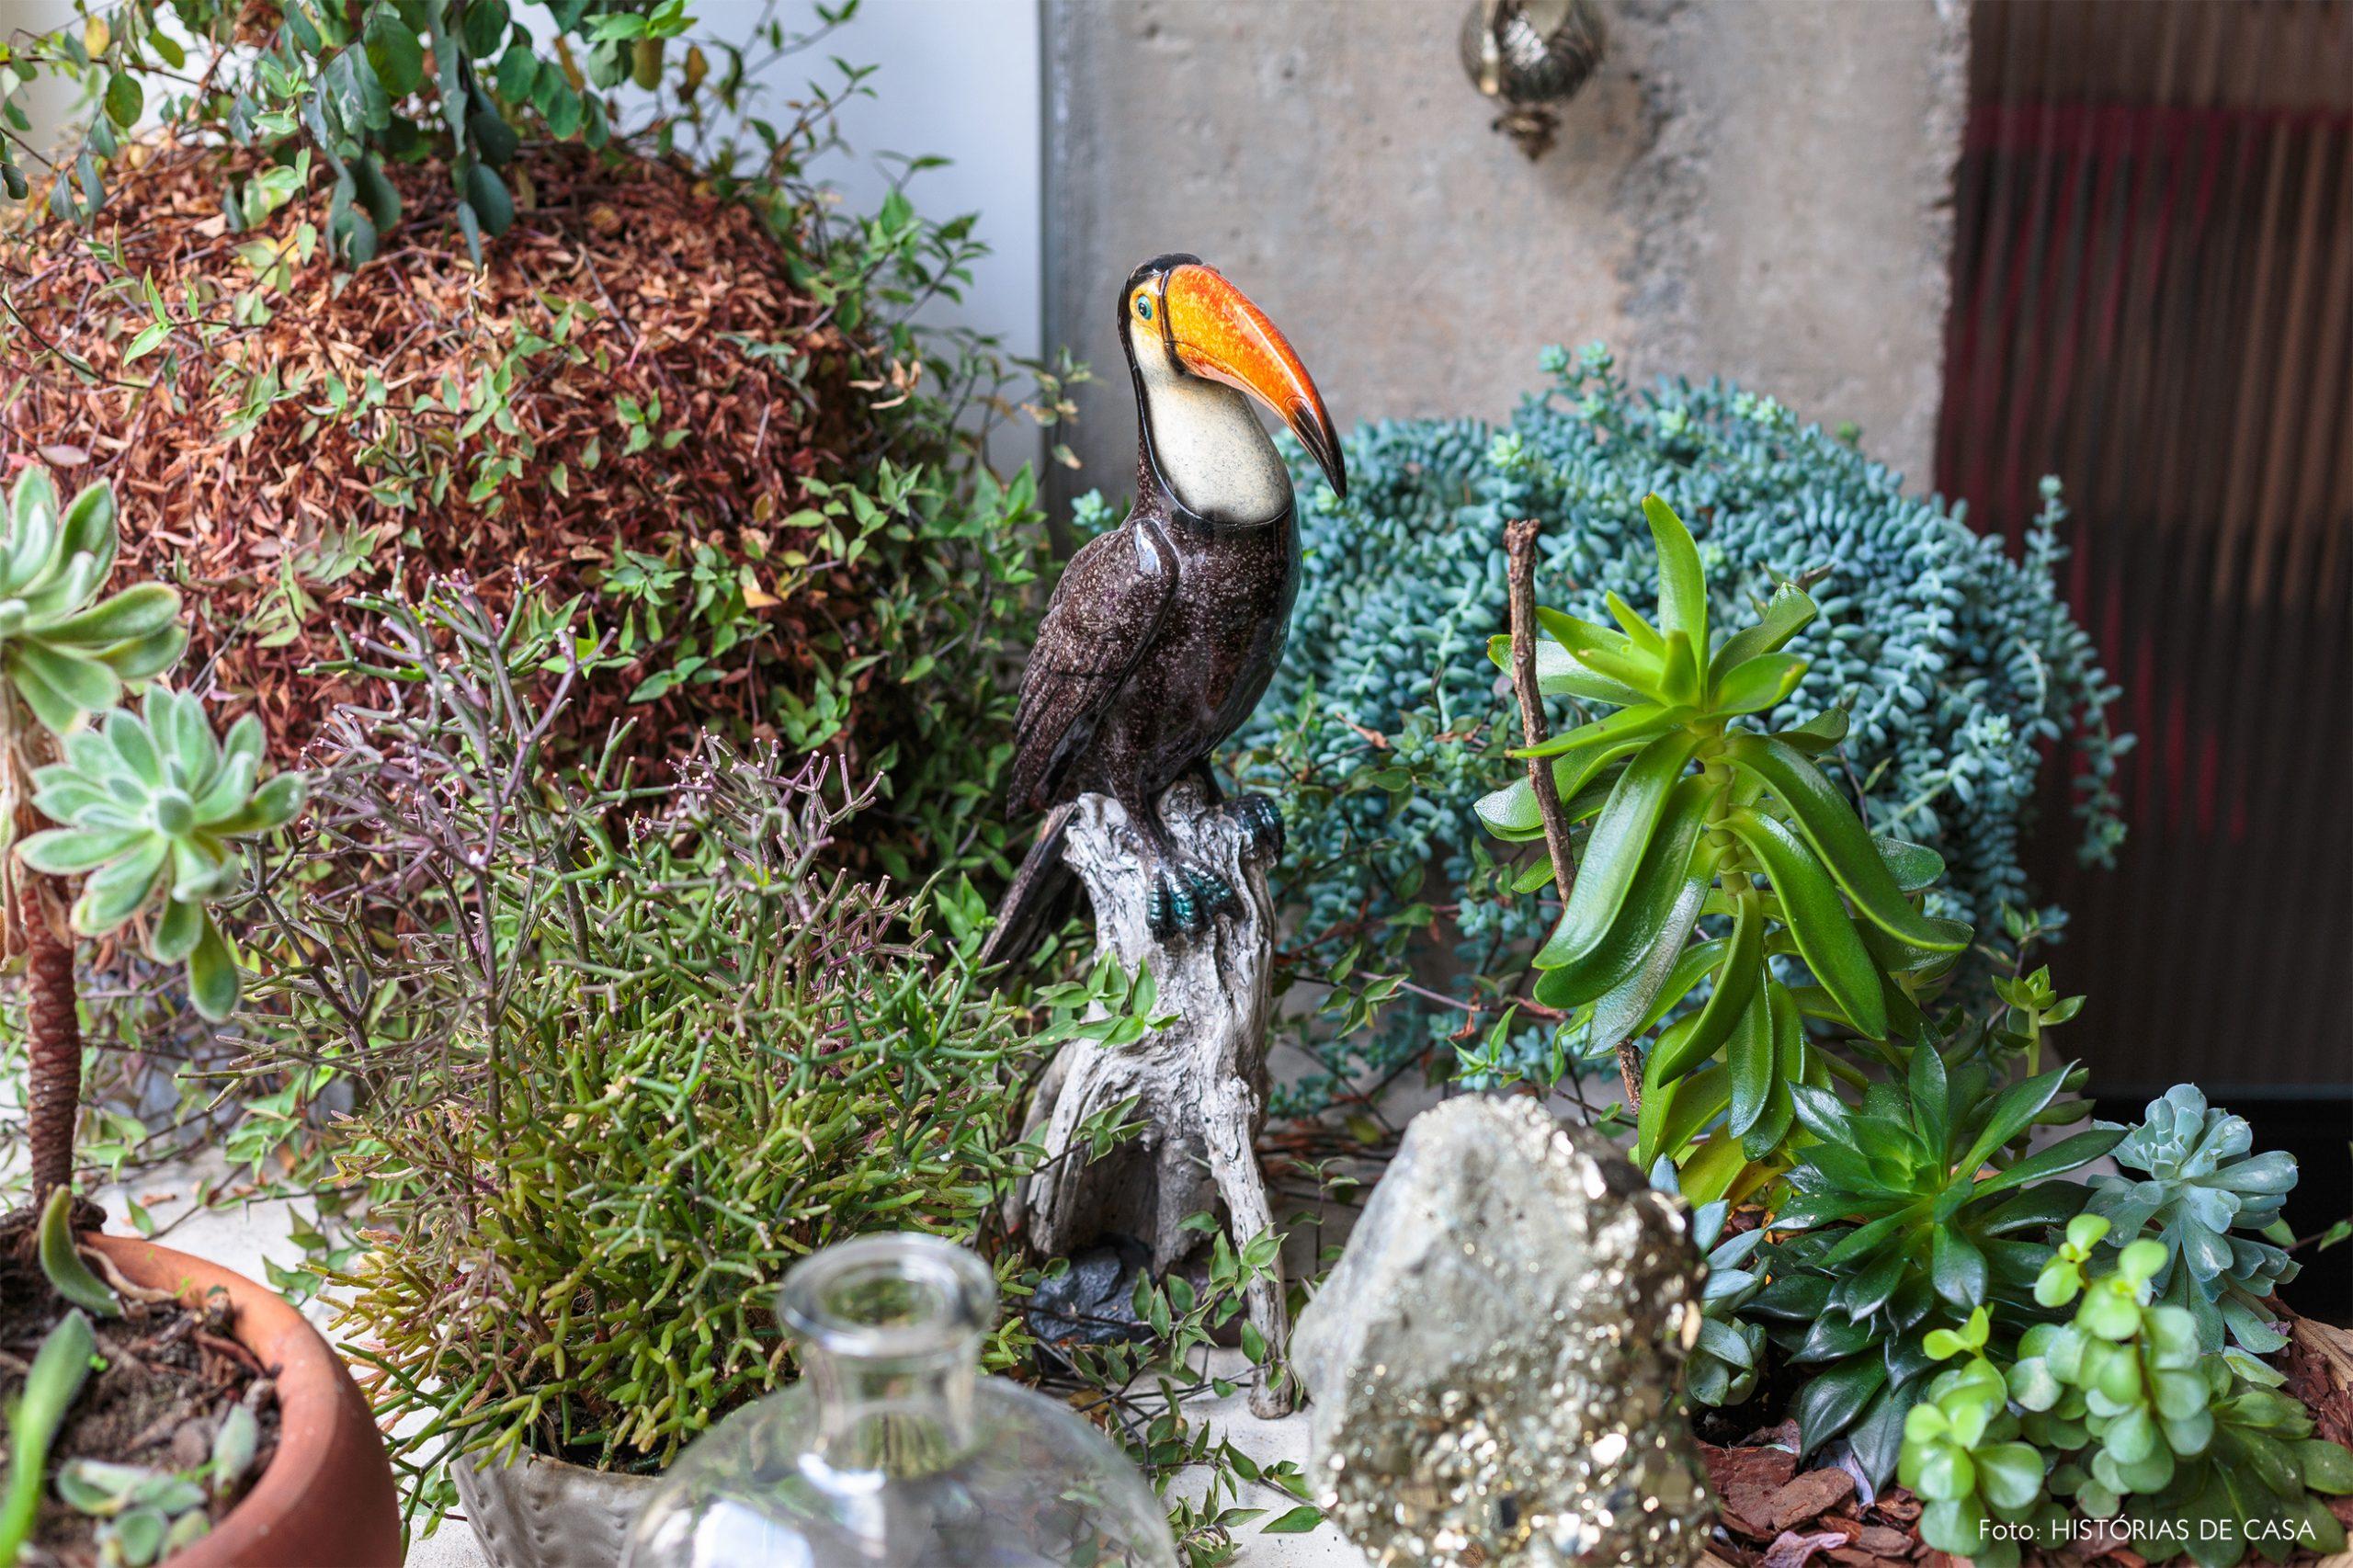 decoração muitas plantas e objeto tucano decorativo